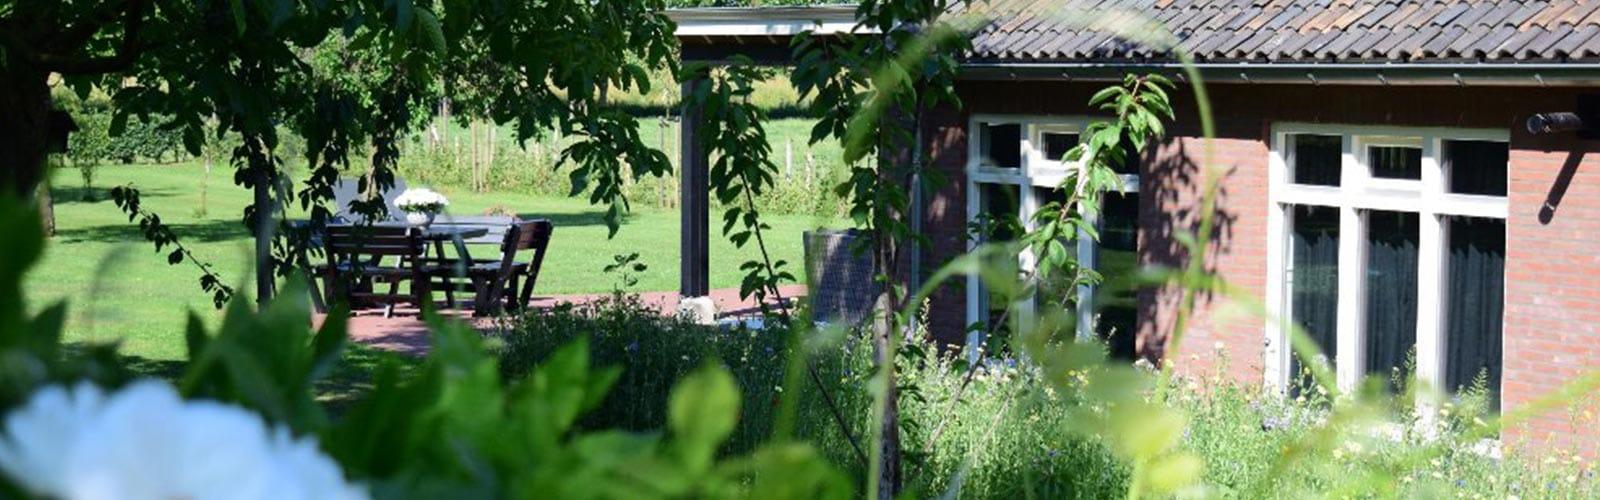 Tuin met planten bij De Maasgaarde